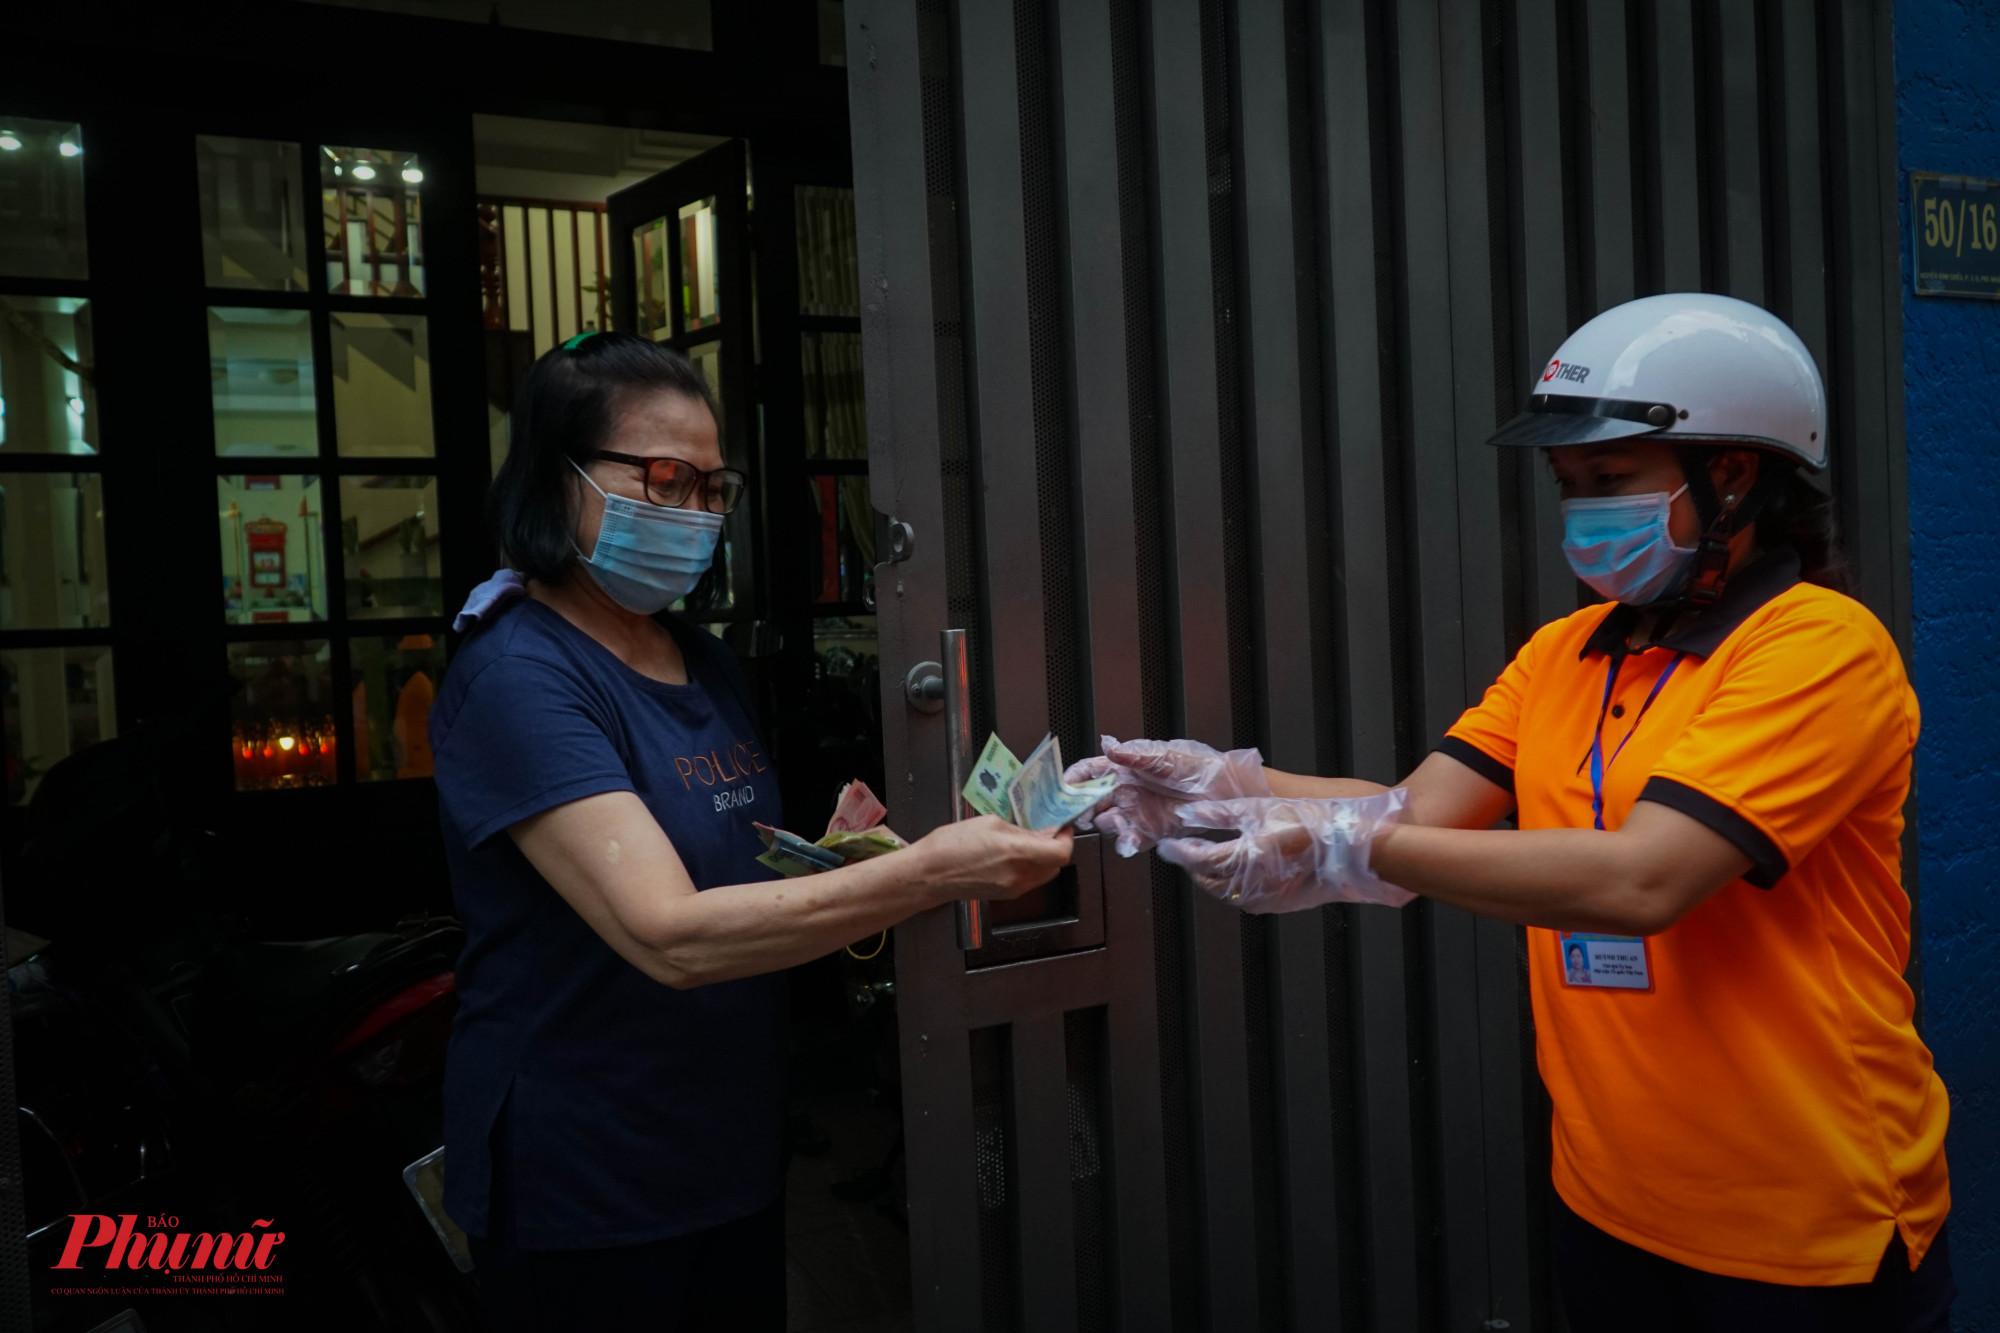 Tình nguyện viên phải luôn giữ khoảng cách an toàn, đeo găng tay và sát khuẩn sau khi giao hàng cho người dân